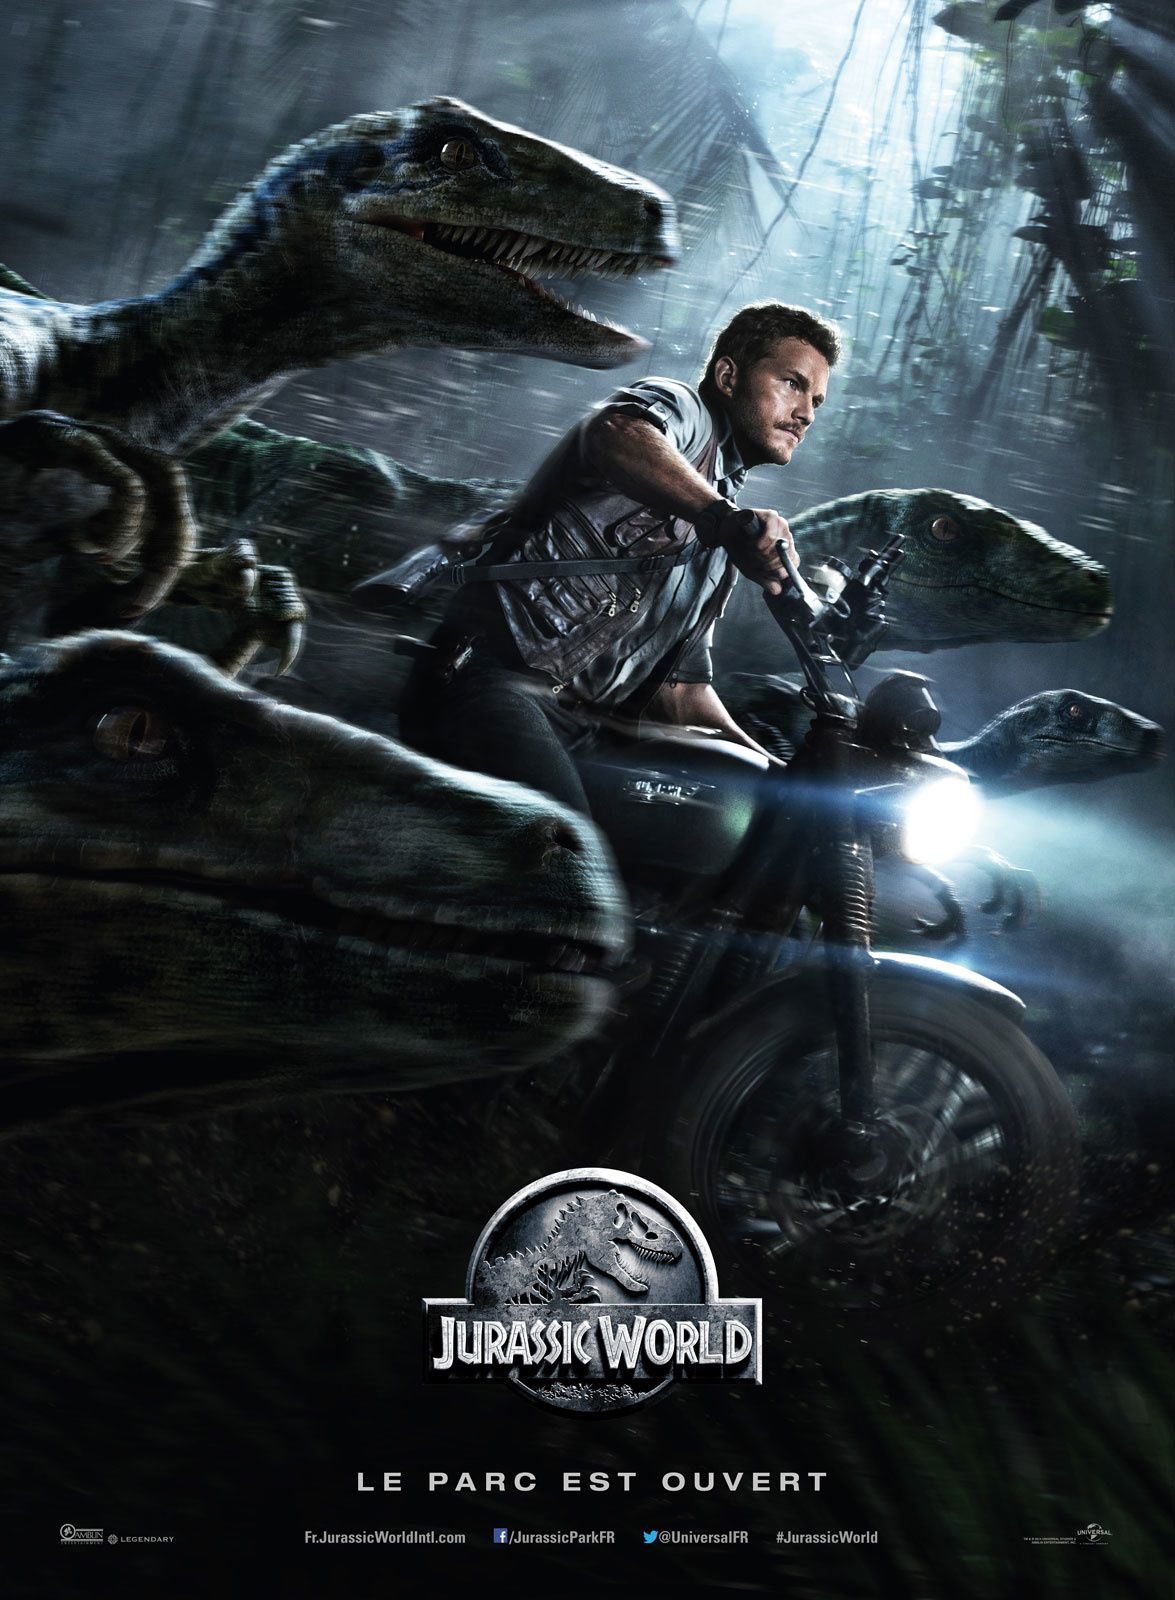 """FILMS - #1 : """"Jurassic World"""" de Colin Trevorrow. La renaissance de la franchise de mon film préféré ever, un chef d'oeuvre (que j'avais prédit haha!) que je suis allé voir trois fois."""